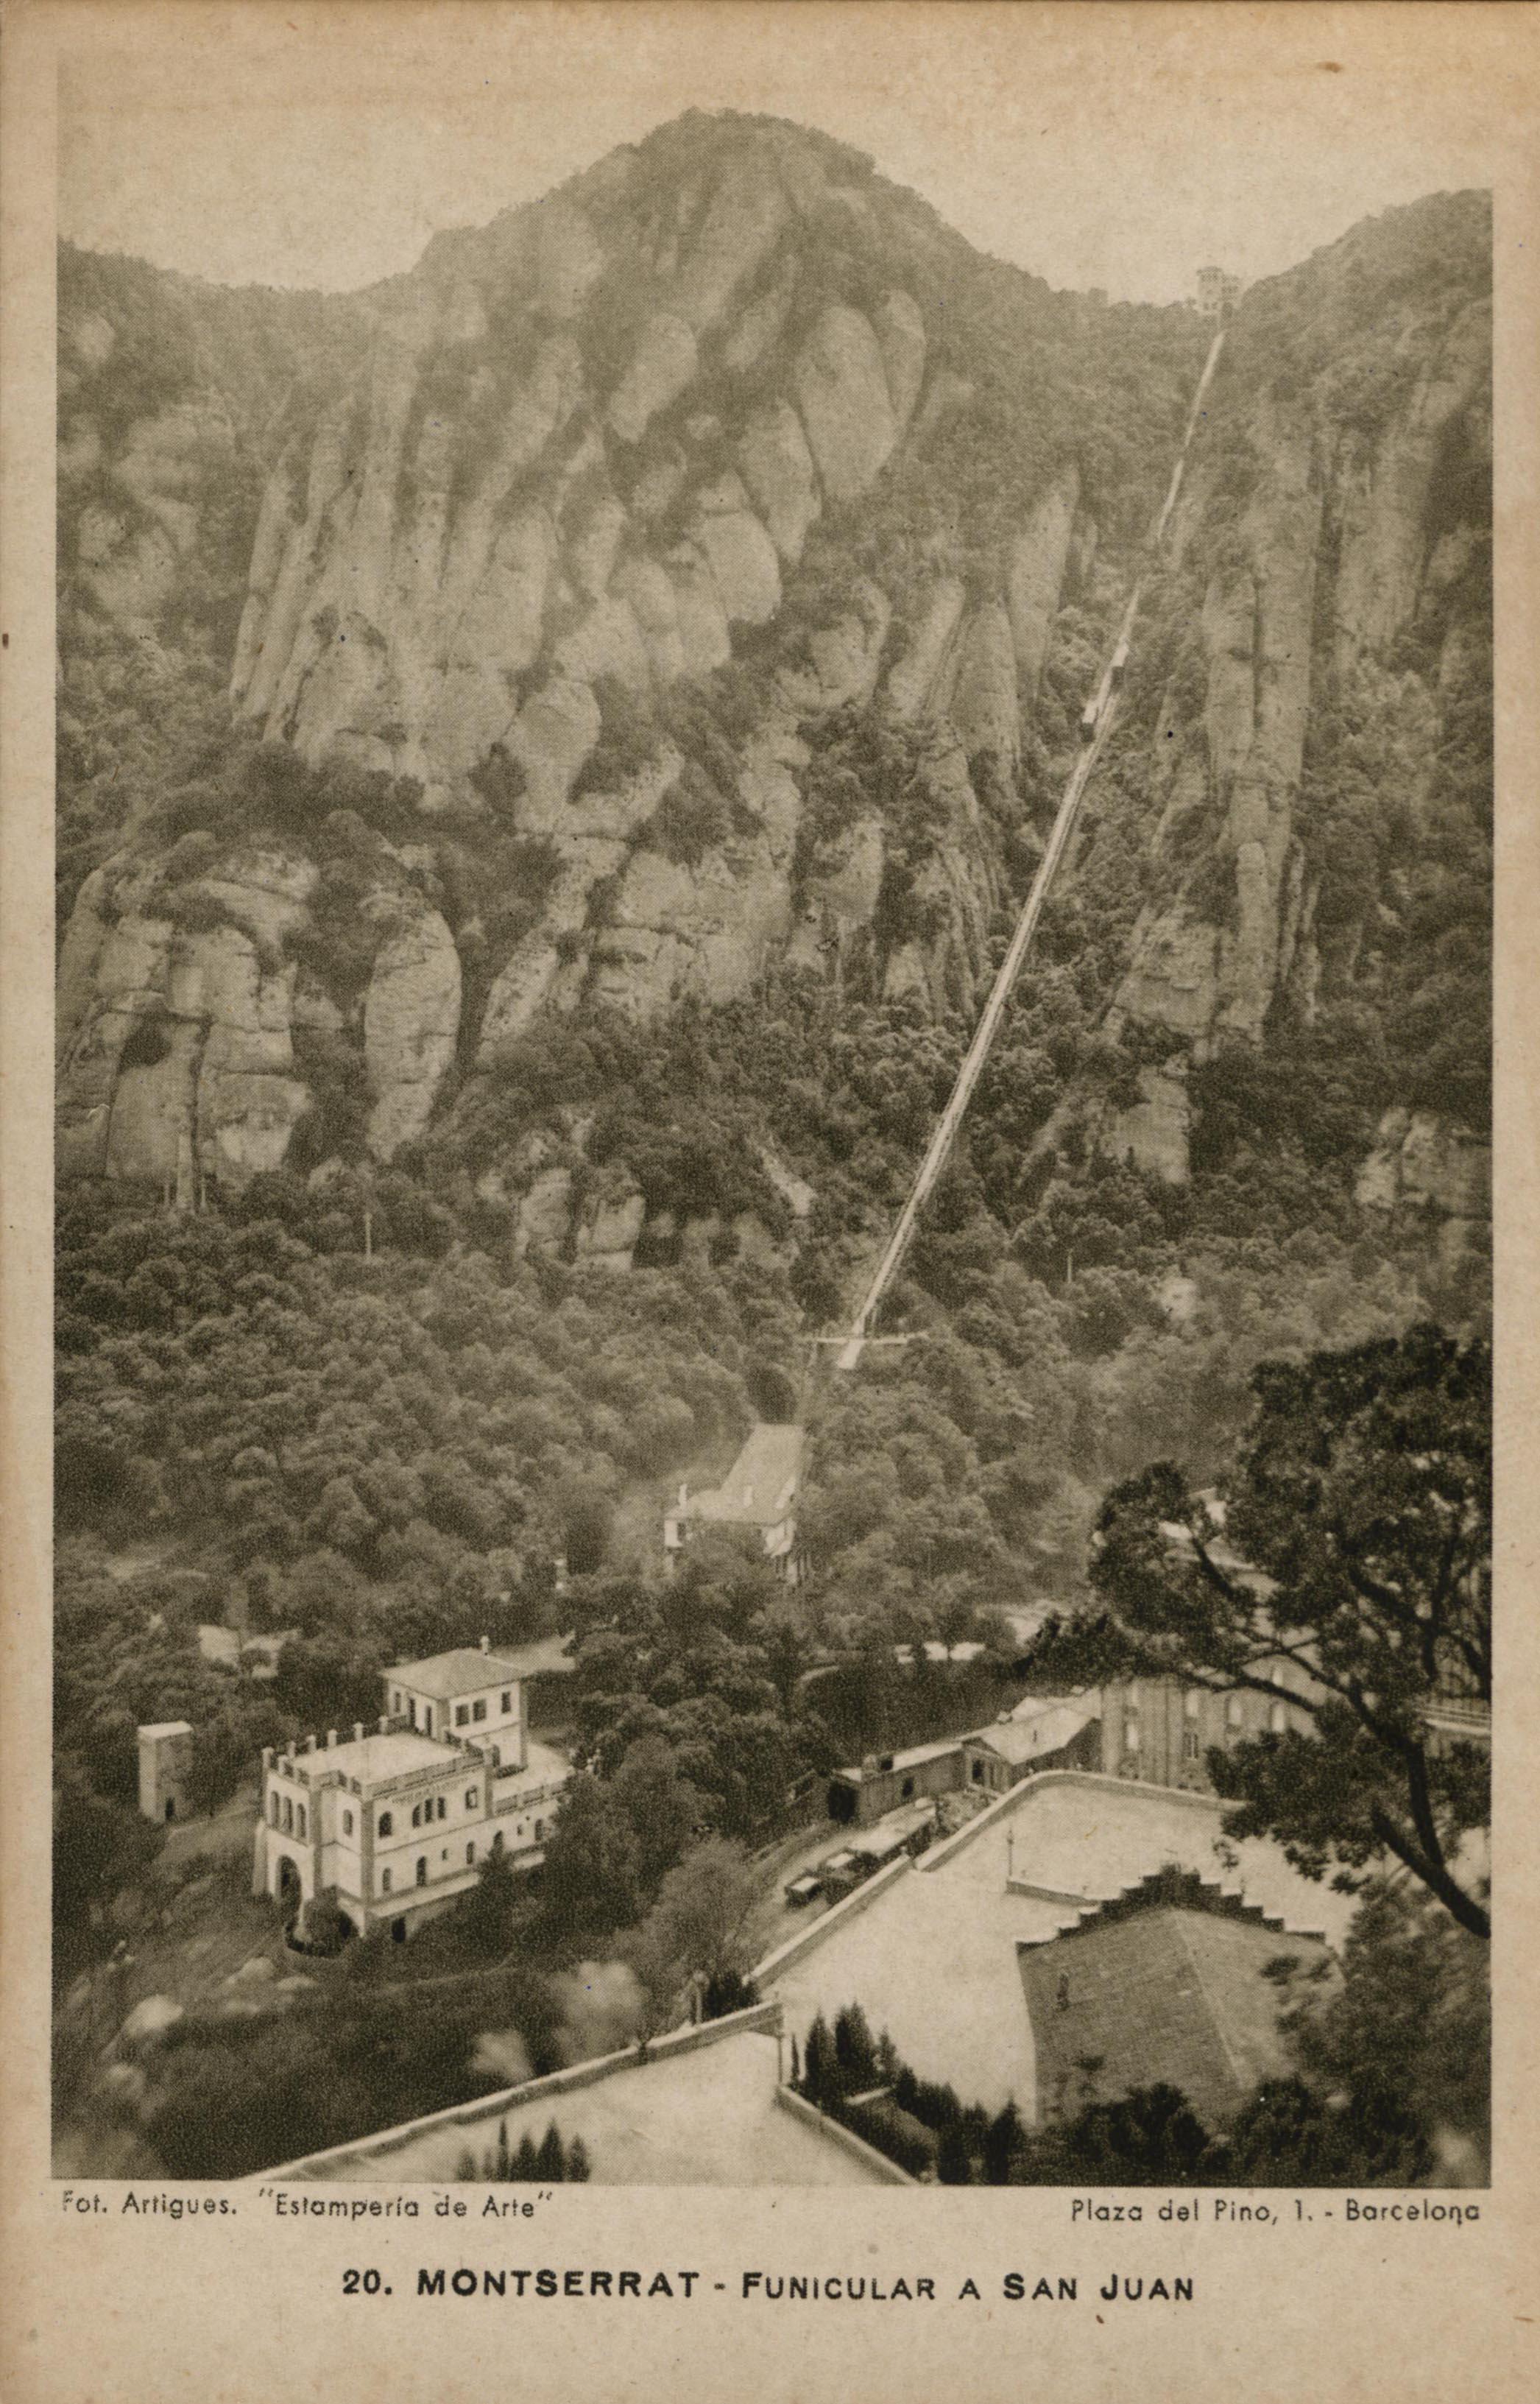 Montserrat album de postals 20101202171201265 girada